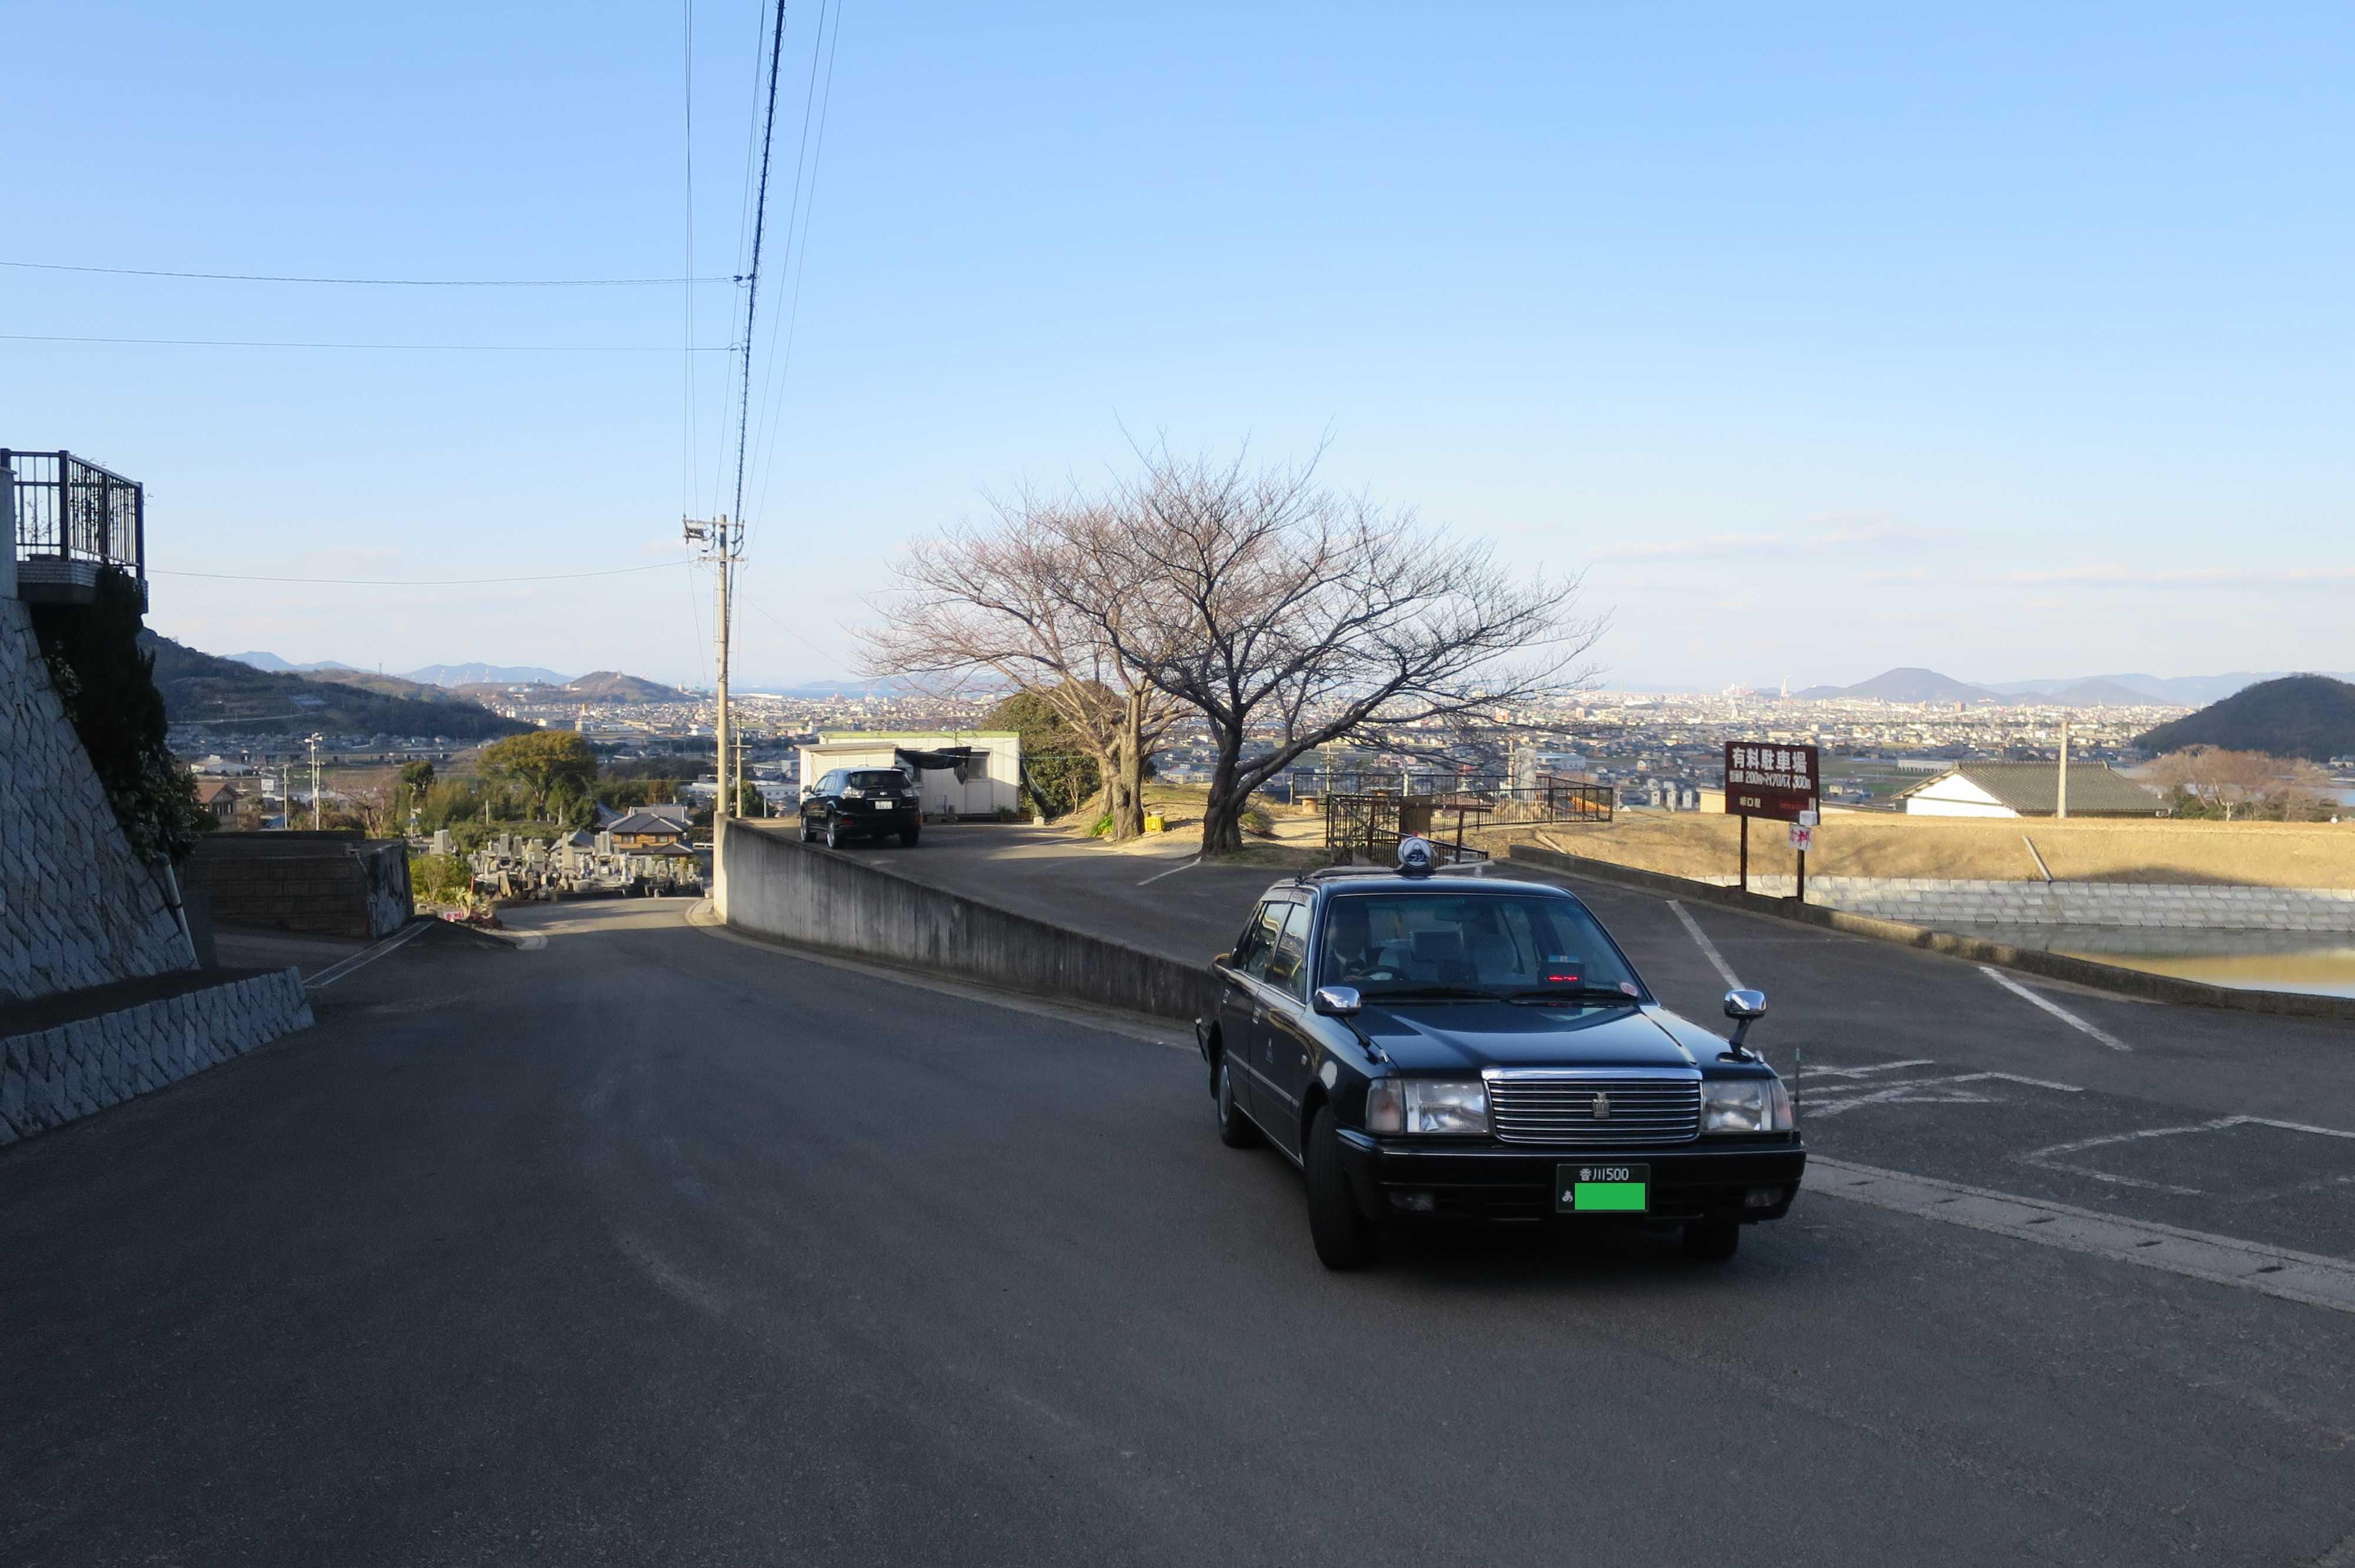 出釈迦寺 - タクシー